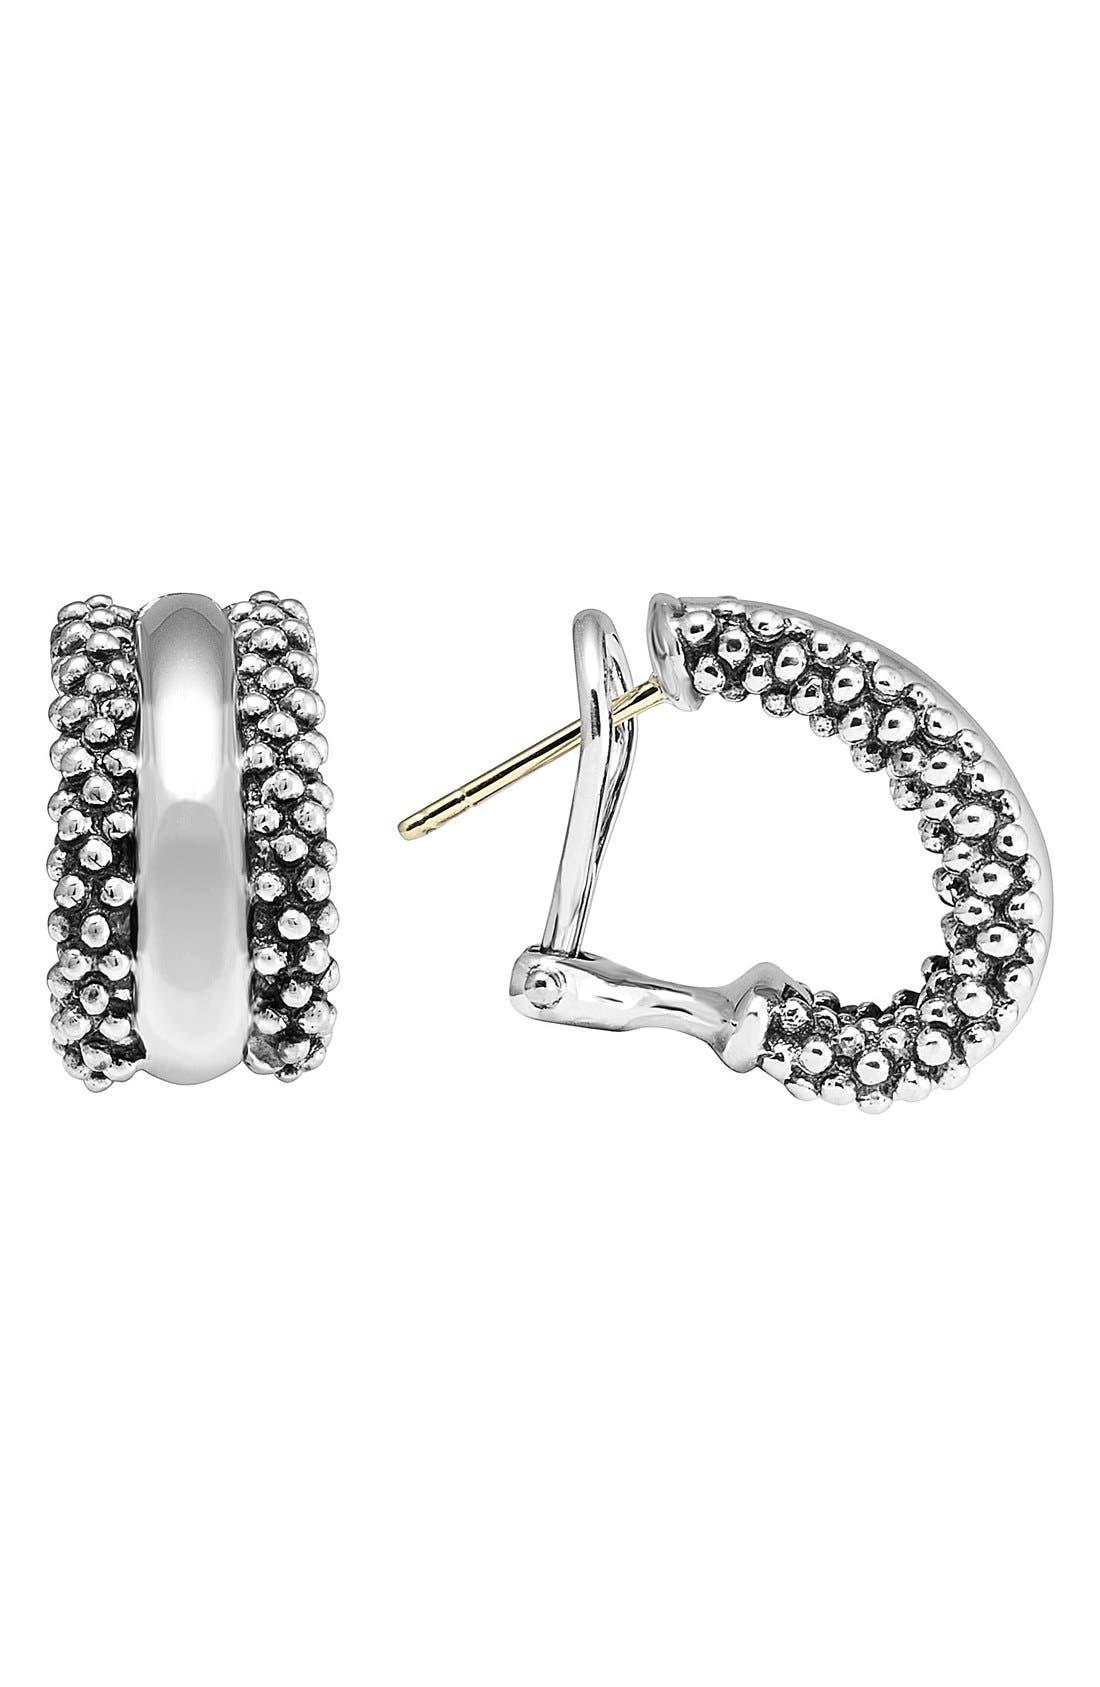 LAGOS Caviar<sup>™</sup> Sterling Silver Hoop Earrings